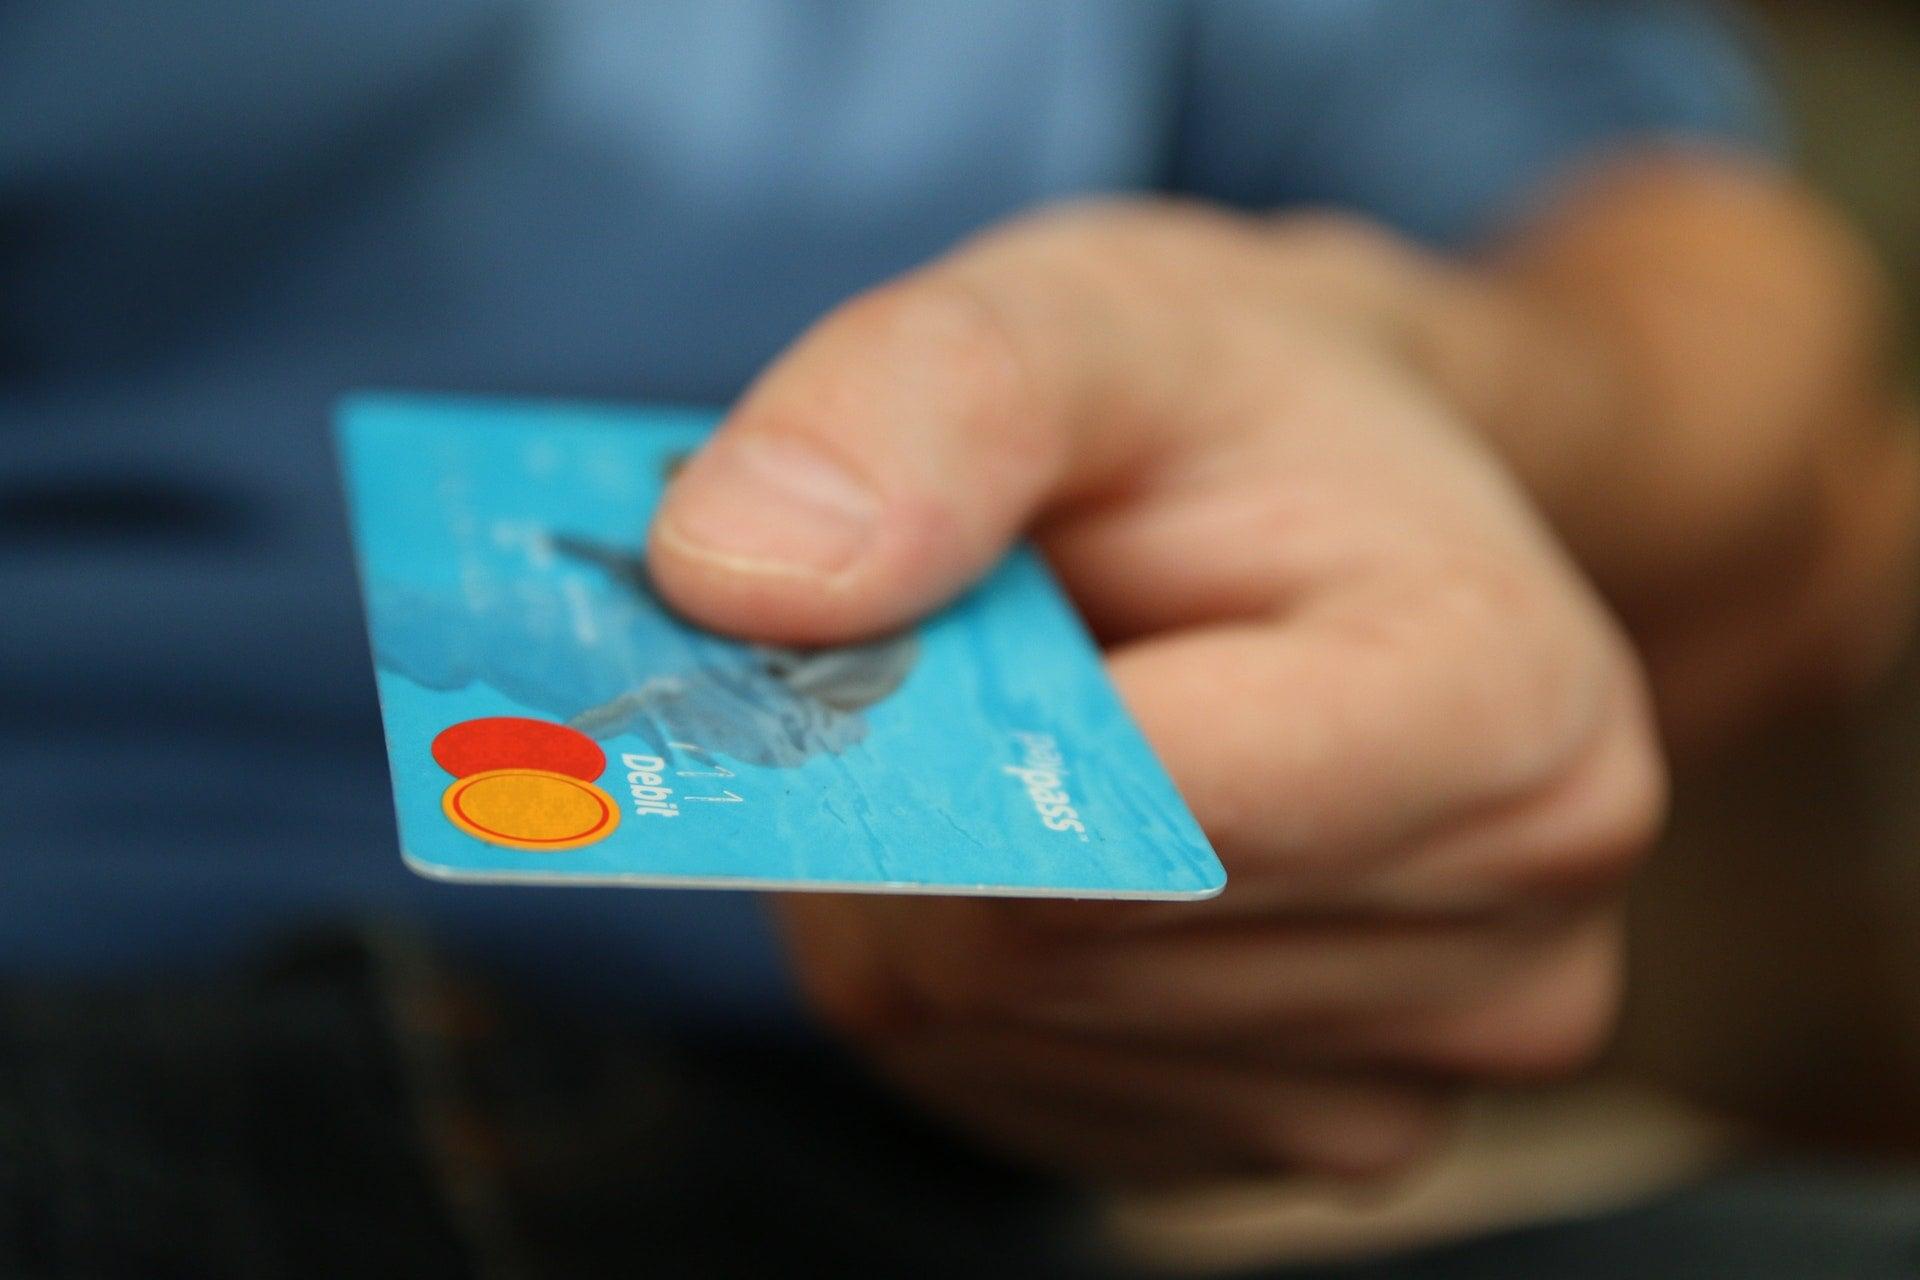 Mieszkańcy Polski są w czołówce klientów, którzy płacą zbliżeniowo za zakupy 21